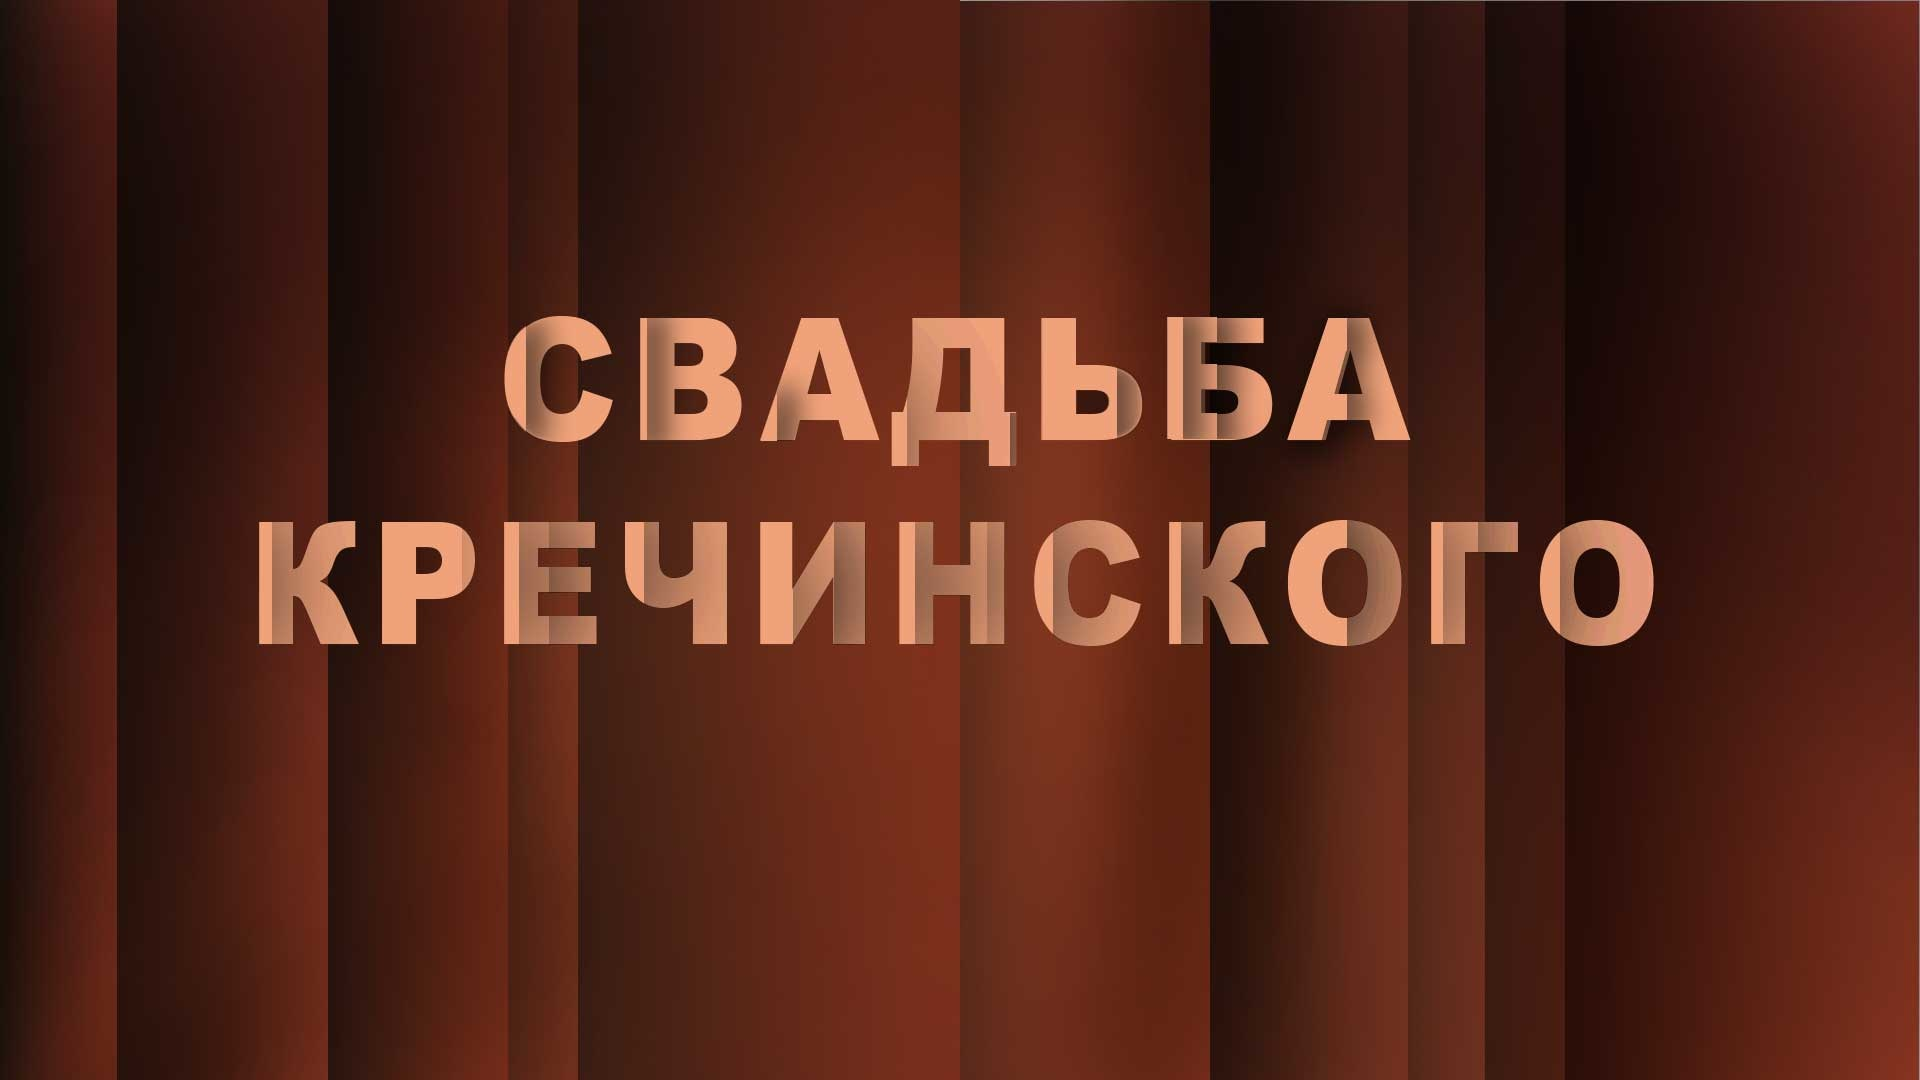 Свадьба Кречинского (Театра им. Моссовета)